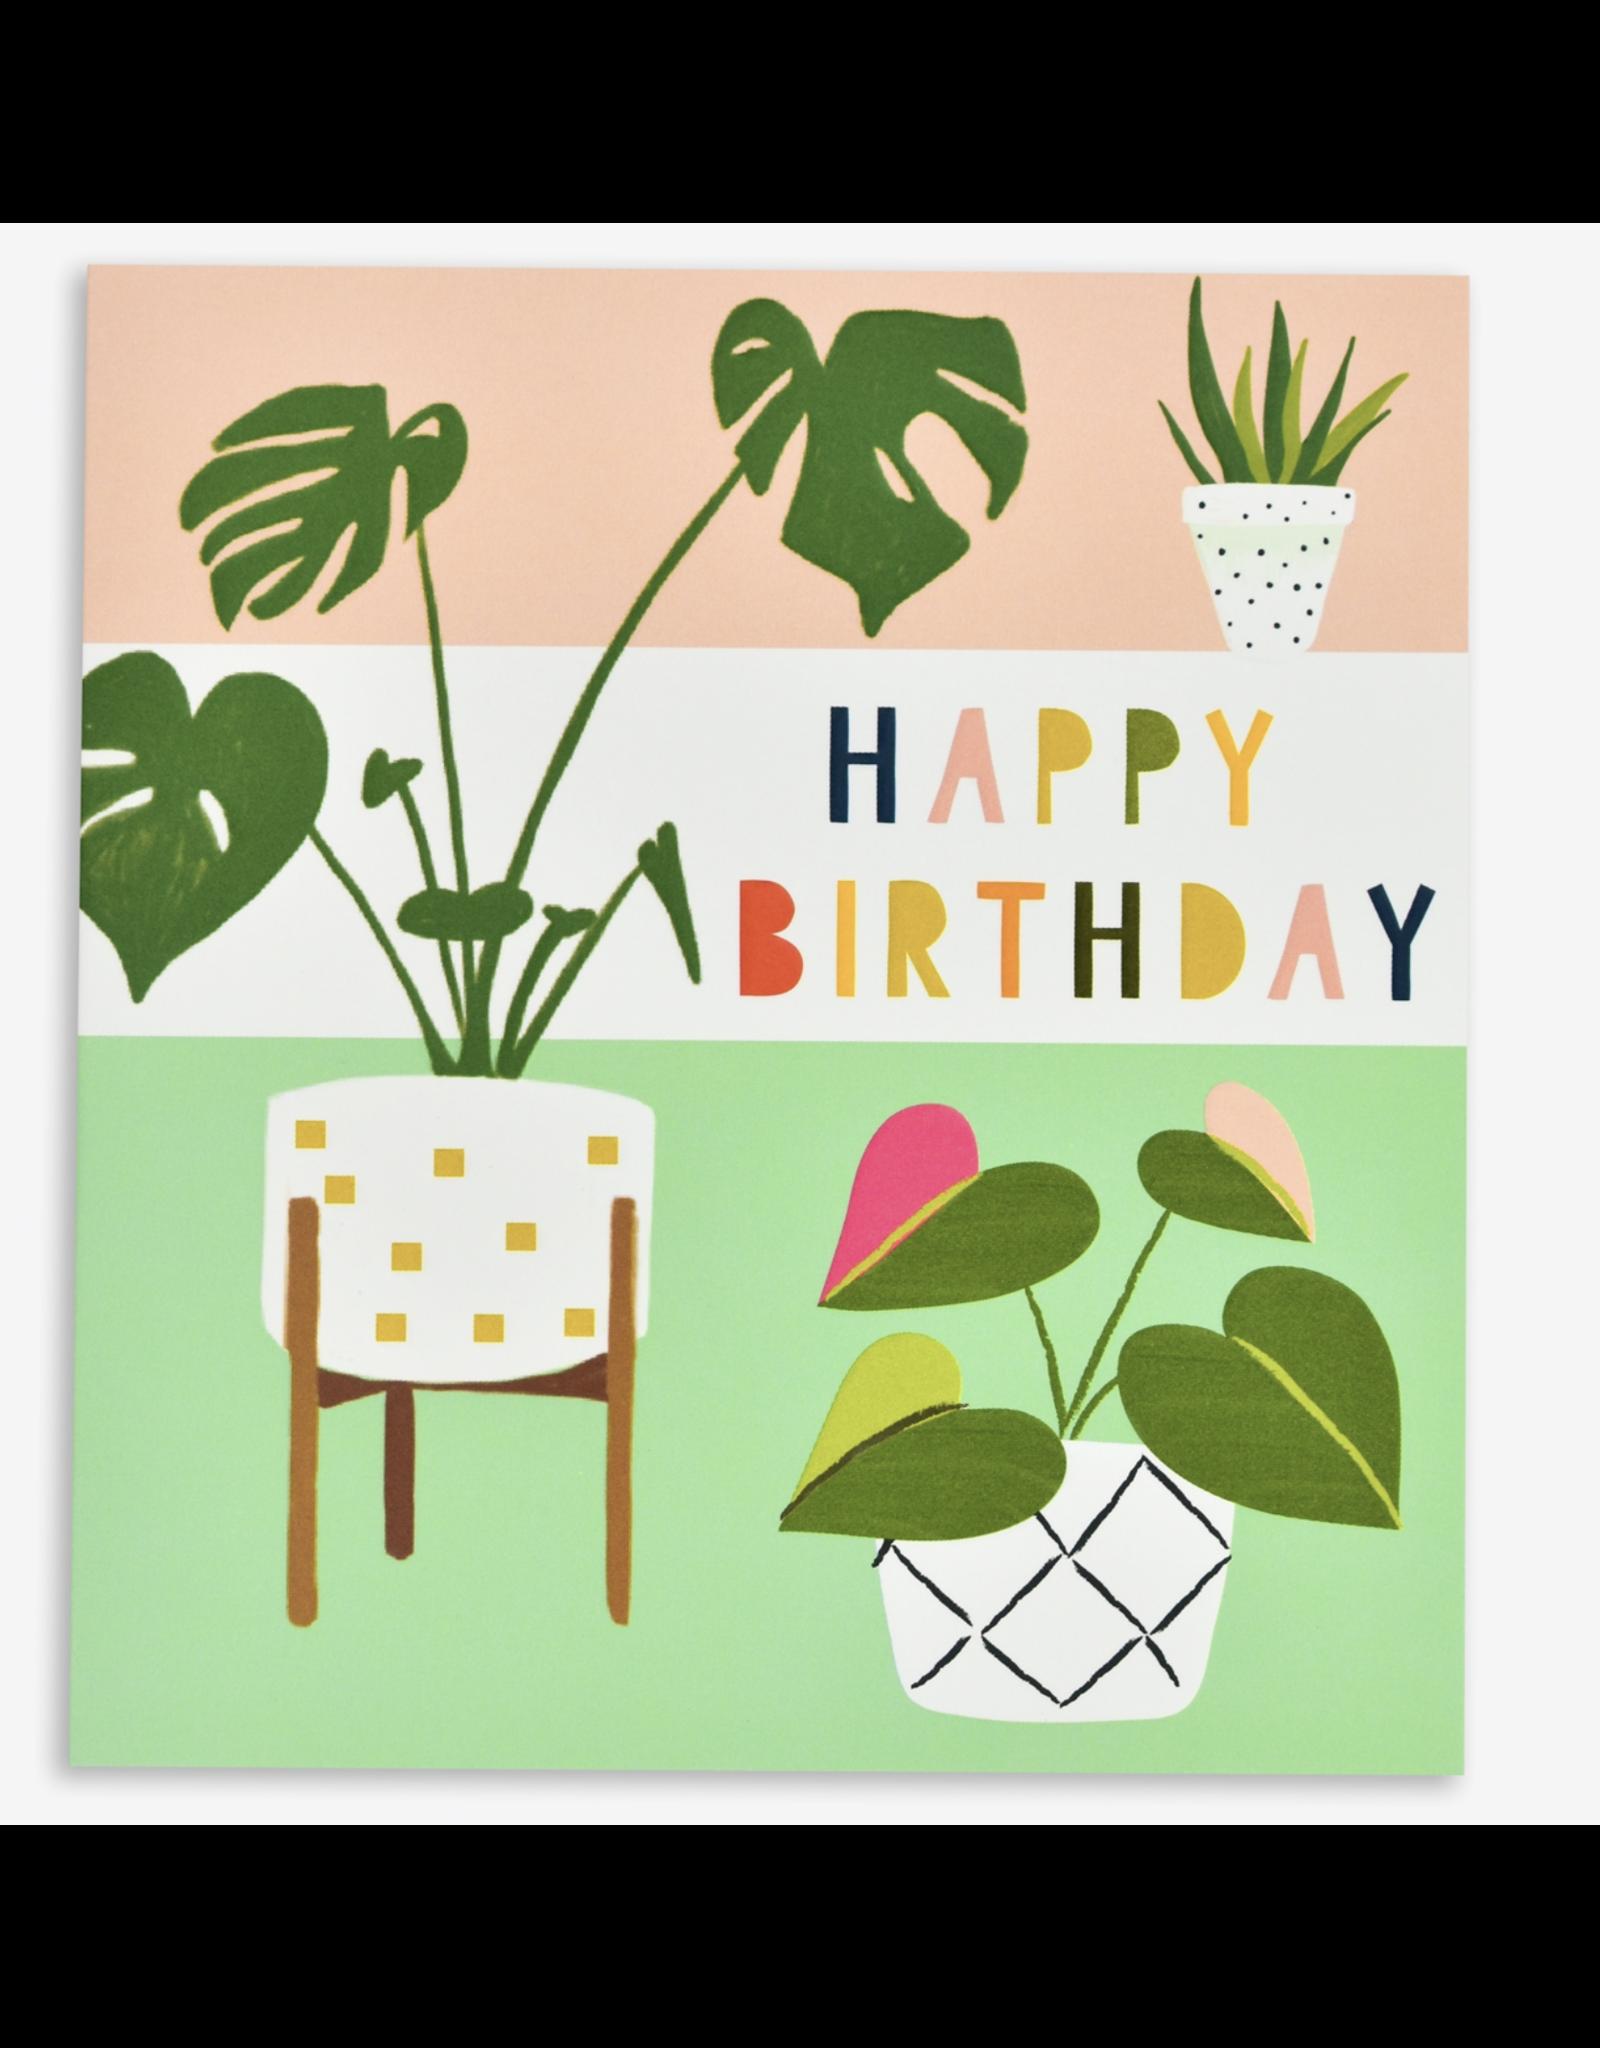 Birthday - Happy Birthday - Plants